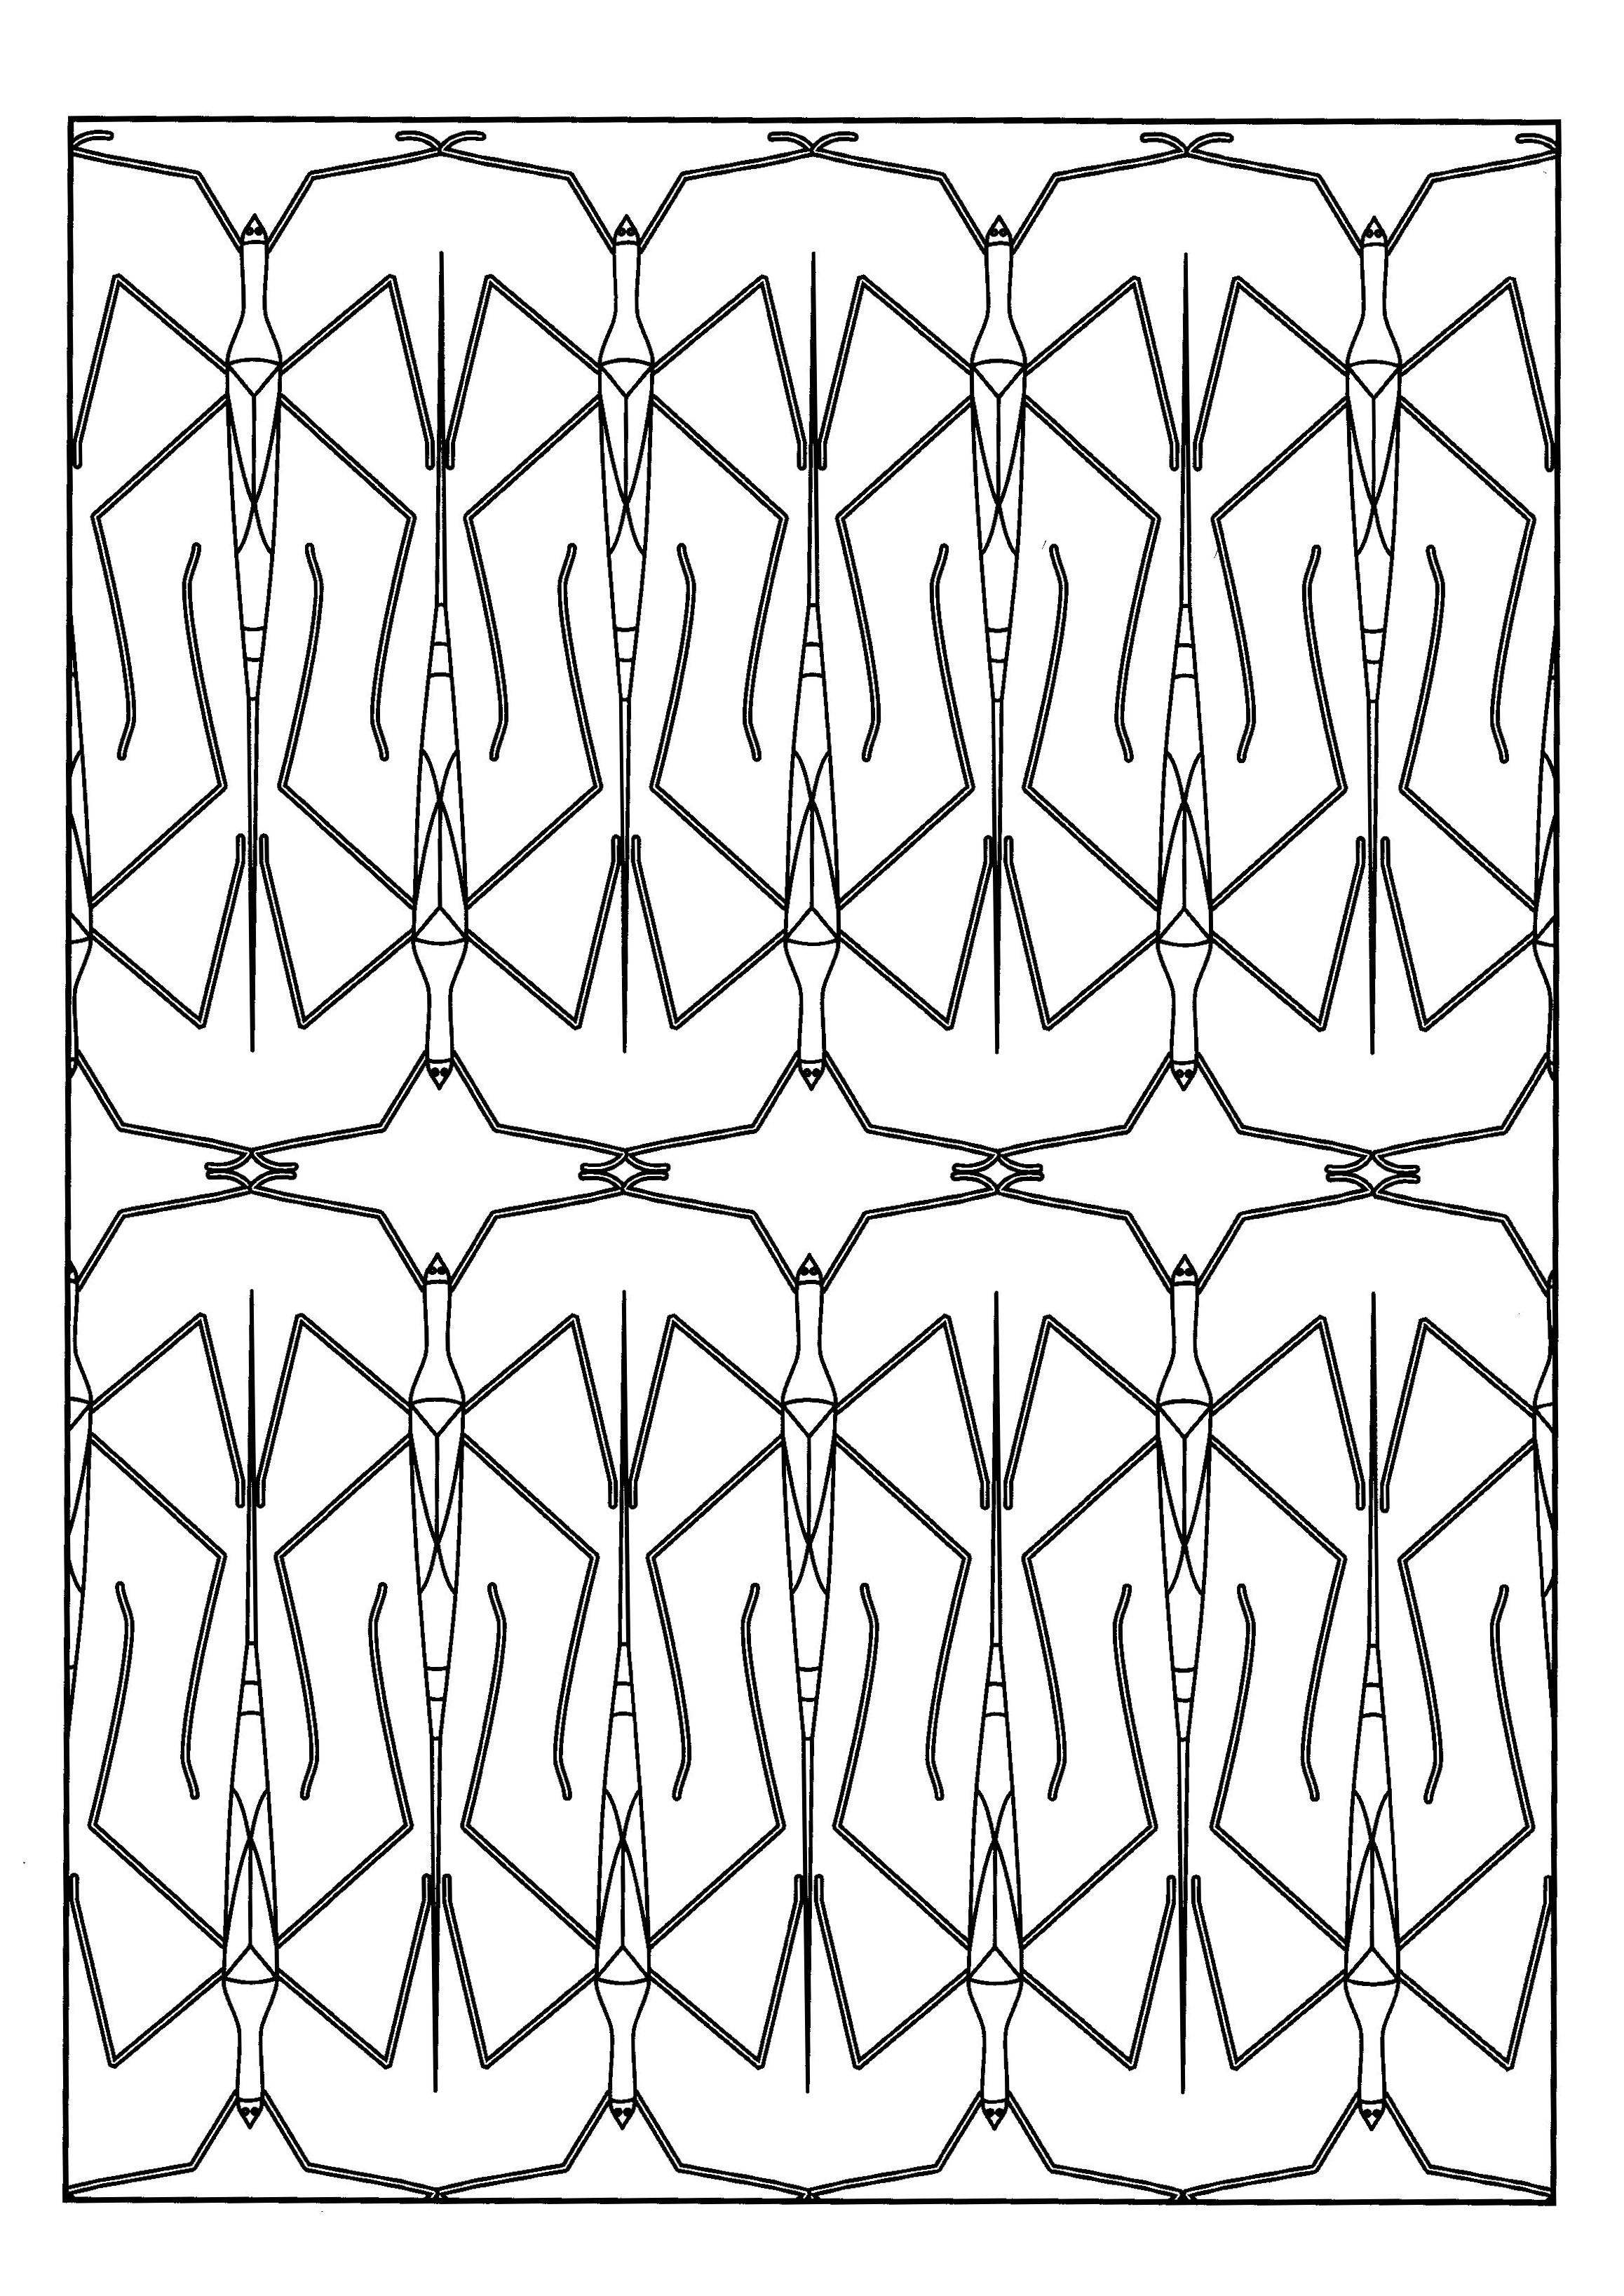 Un coloriage fait à partir des phasmes, ces insectes qui passent inaperçus car ressemblant à des branches ...